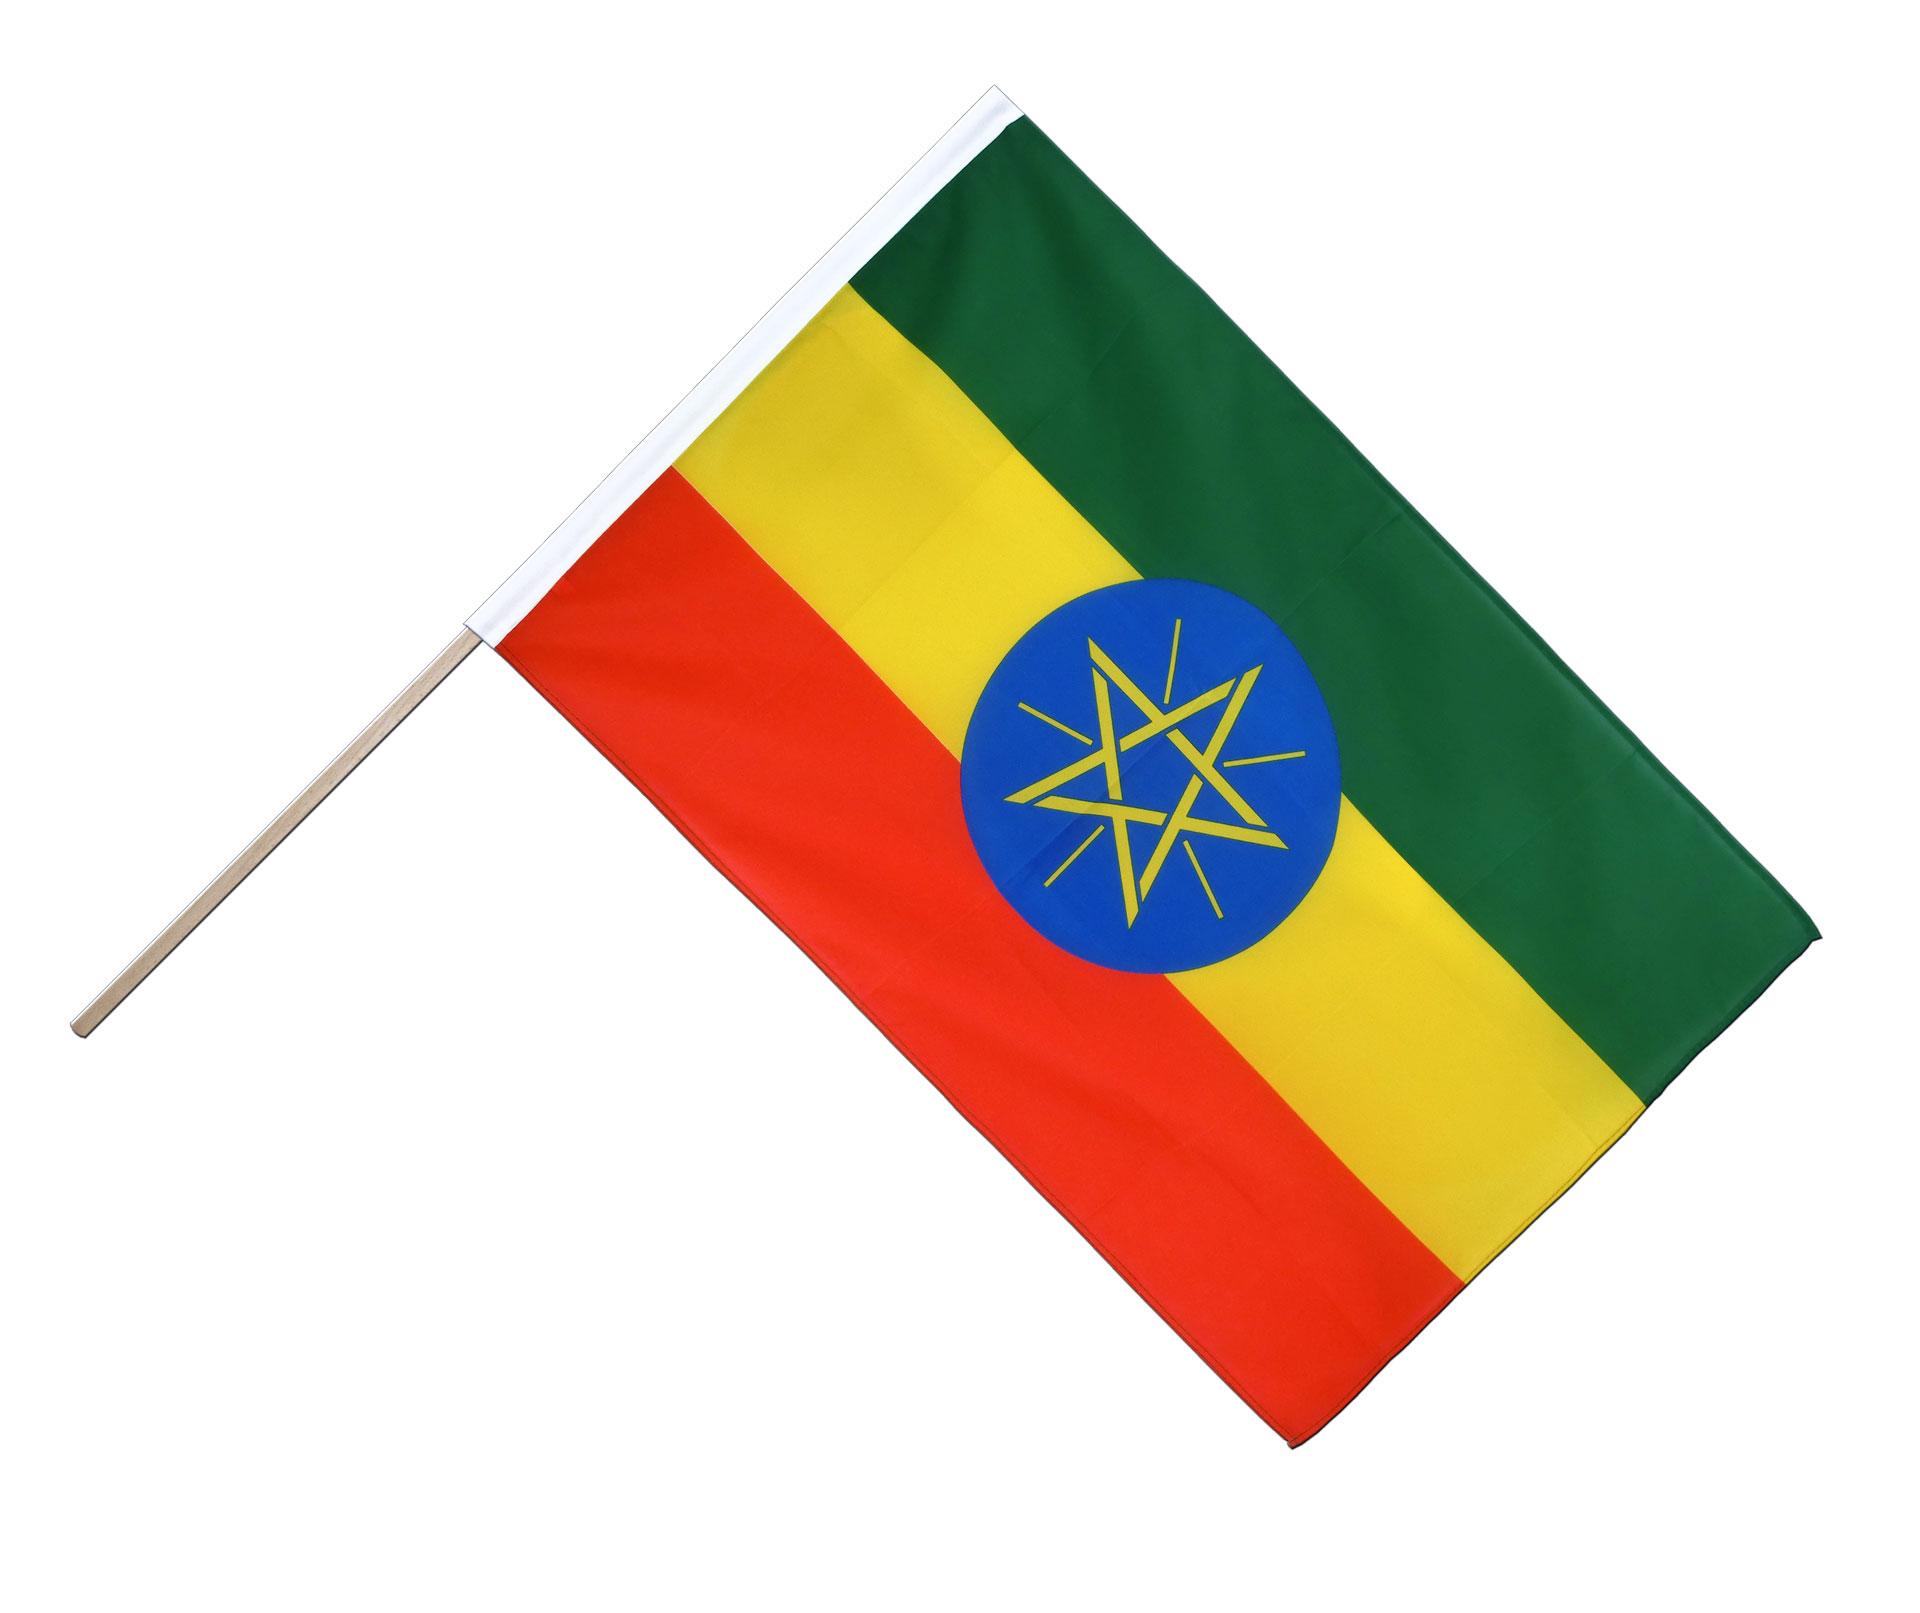 Äthiopien Hissflagge äthiopische Fahnen Flaggen 60x90cm